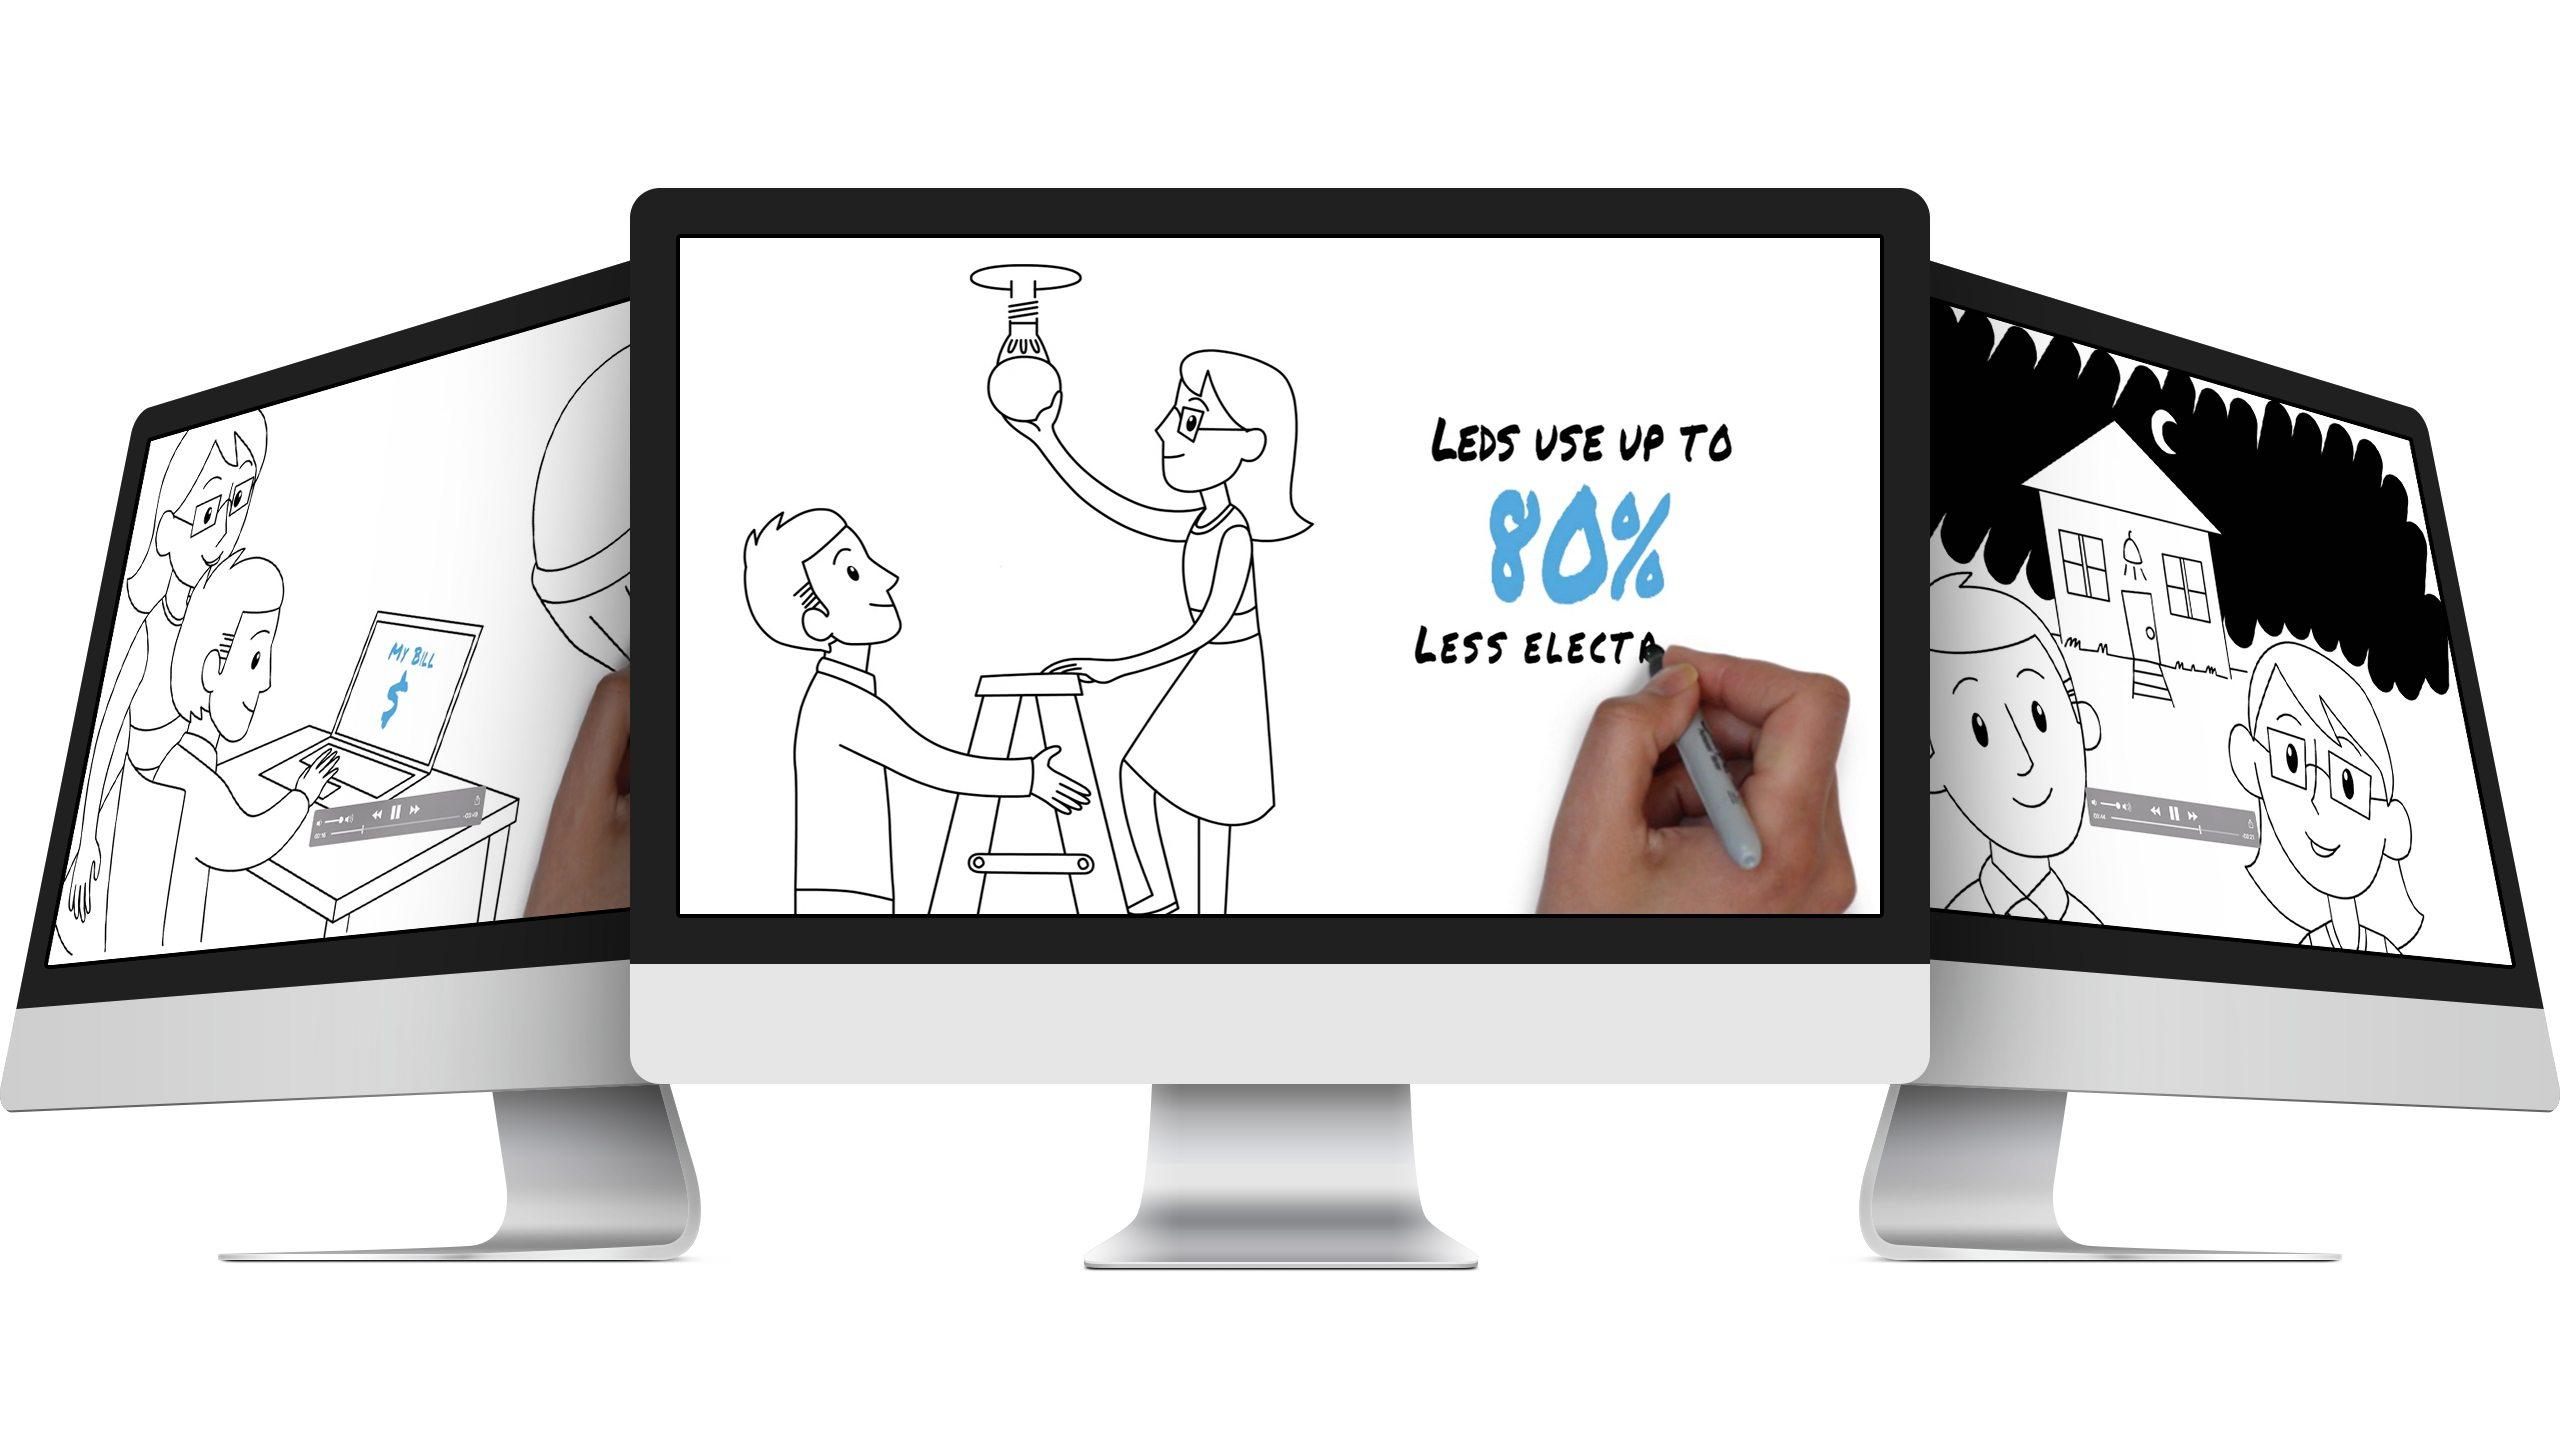 led-whiteboard-robertsharon